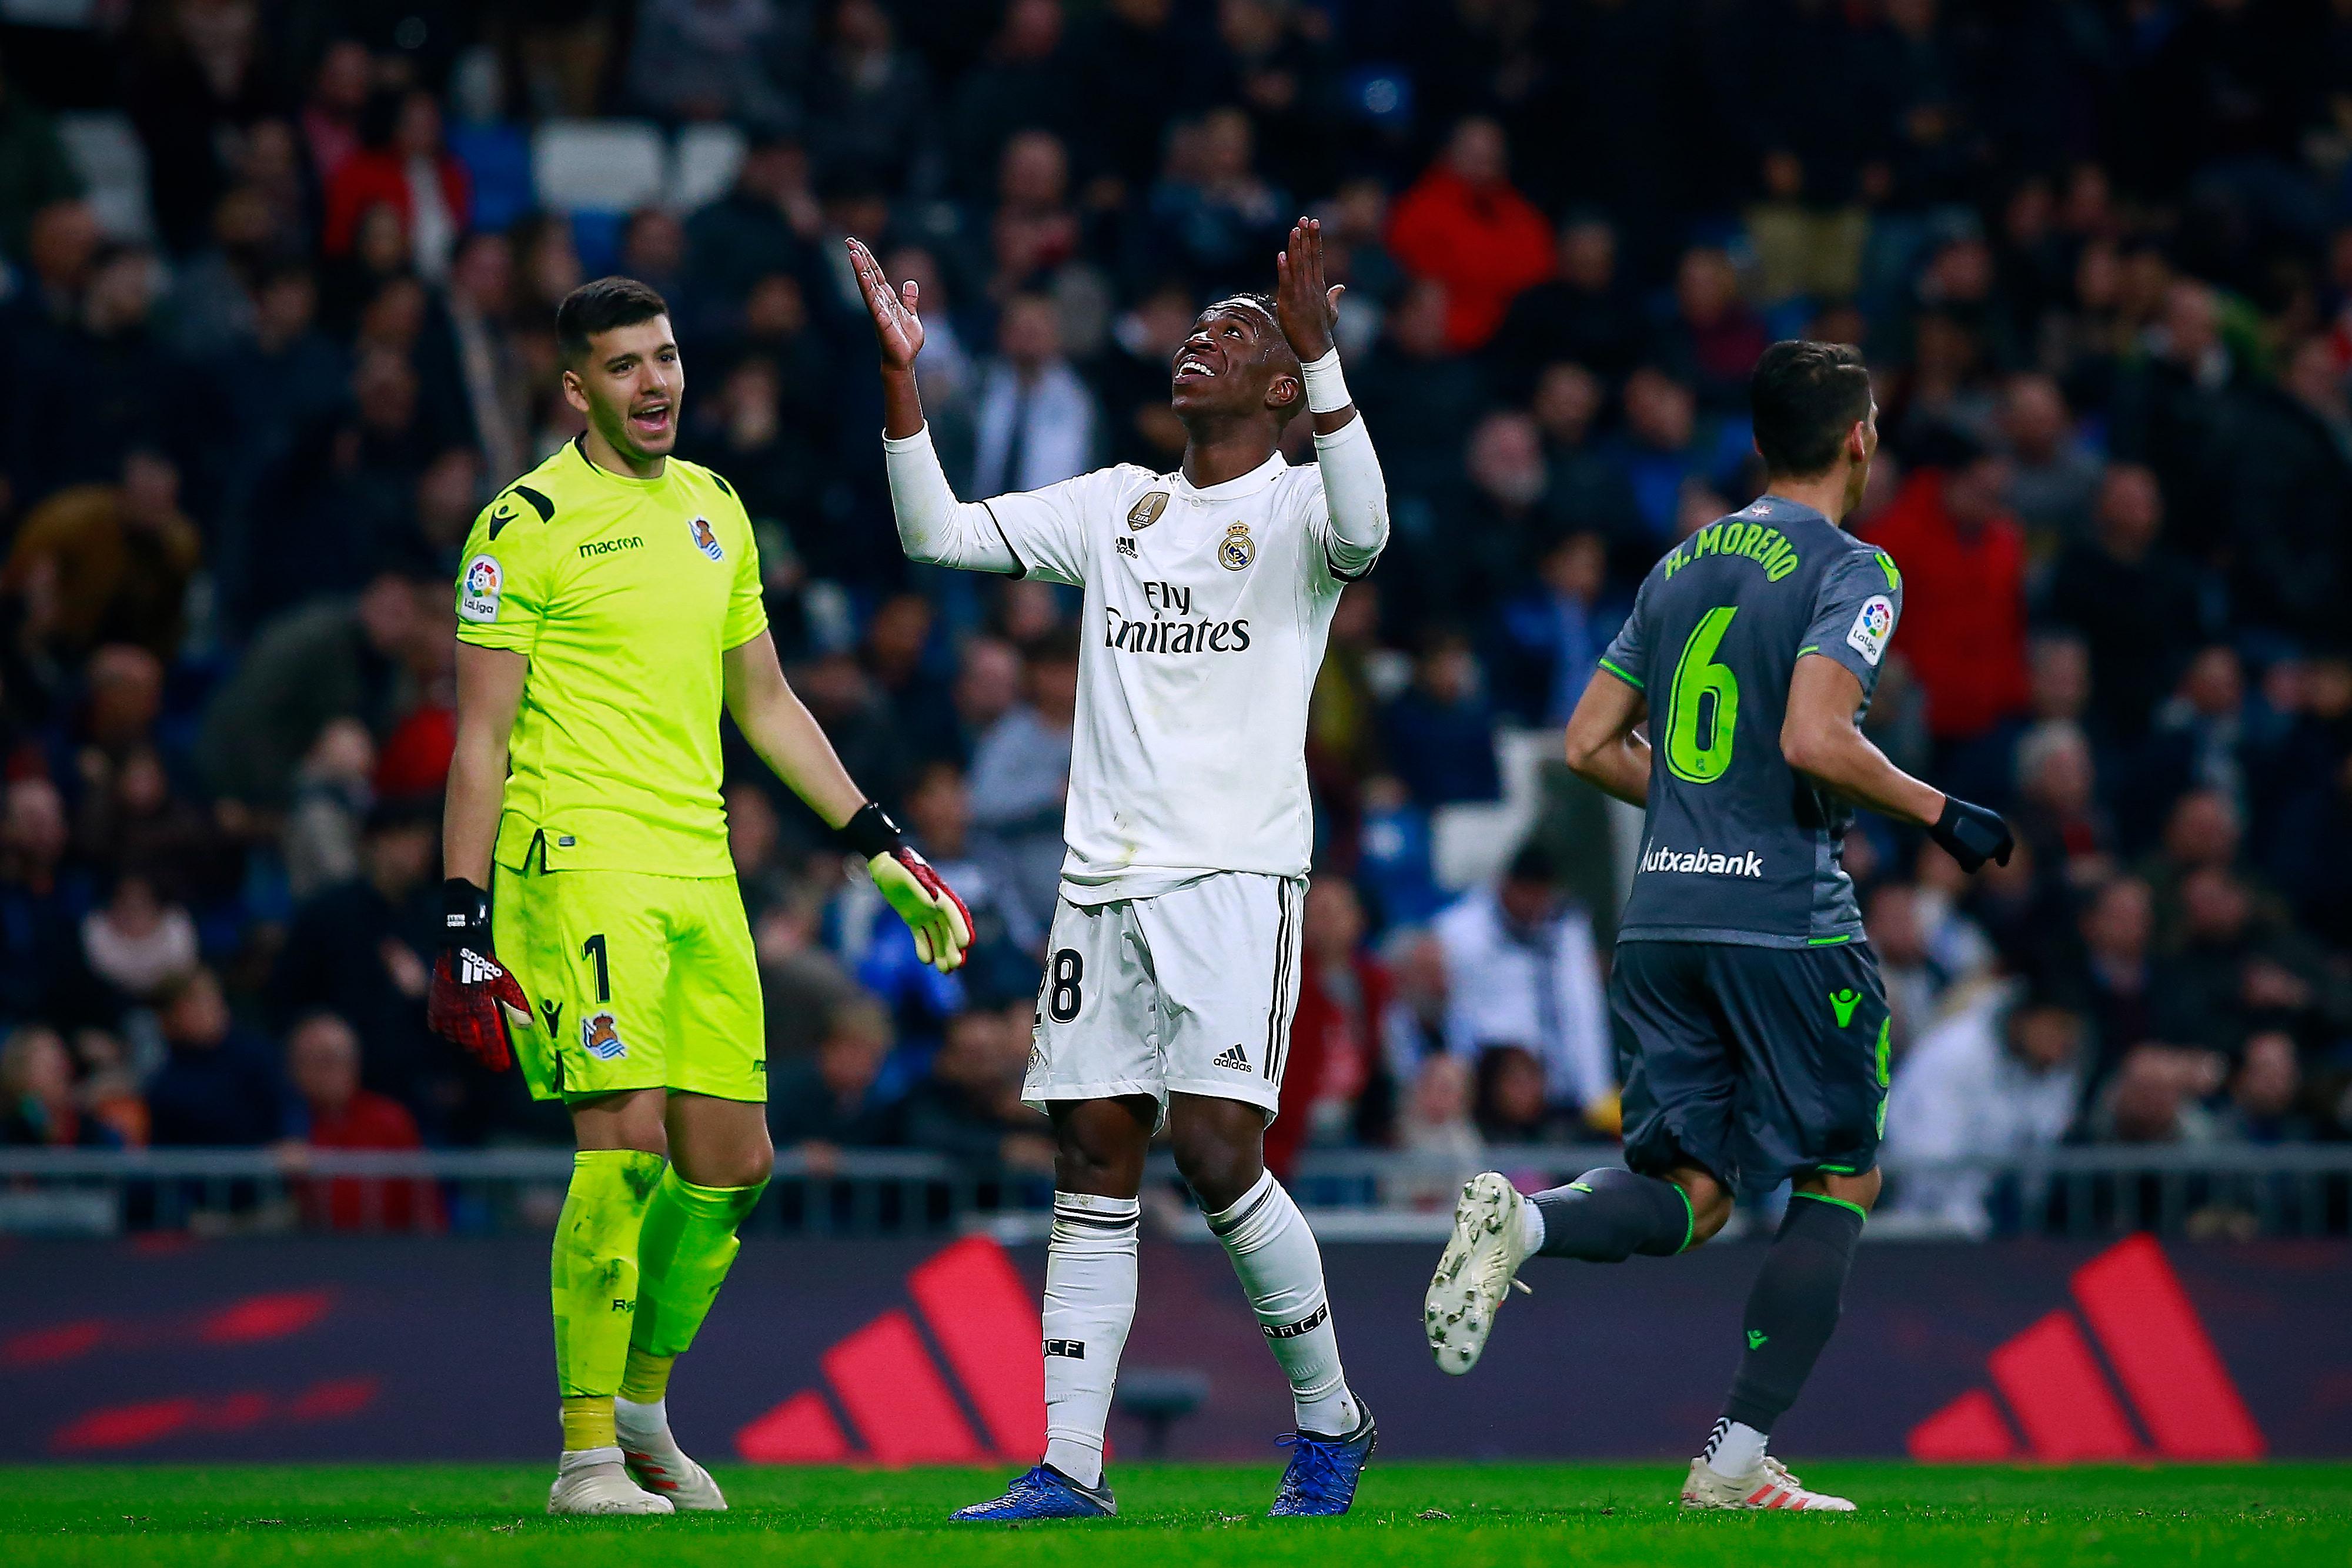 Rulli Vinicius Real Madrid Real Sociedad LaLiga